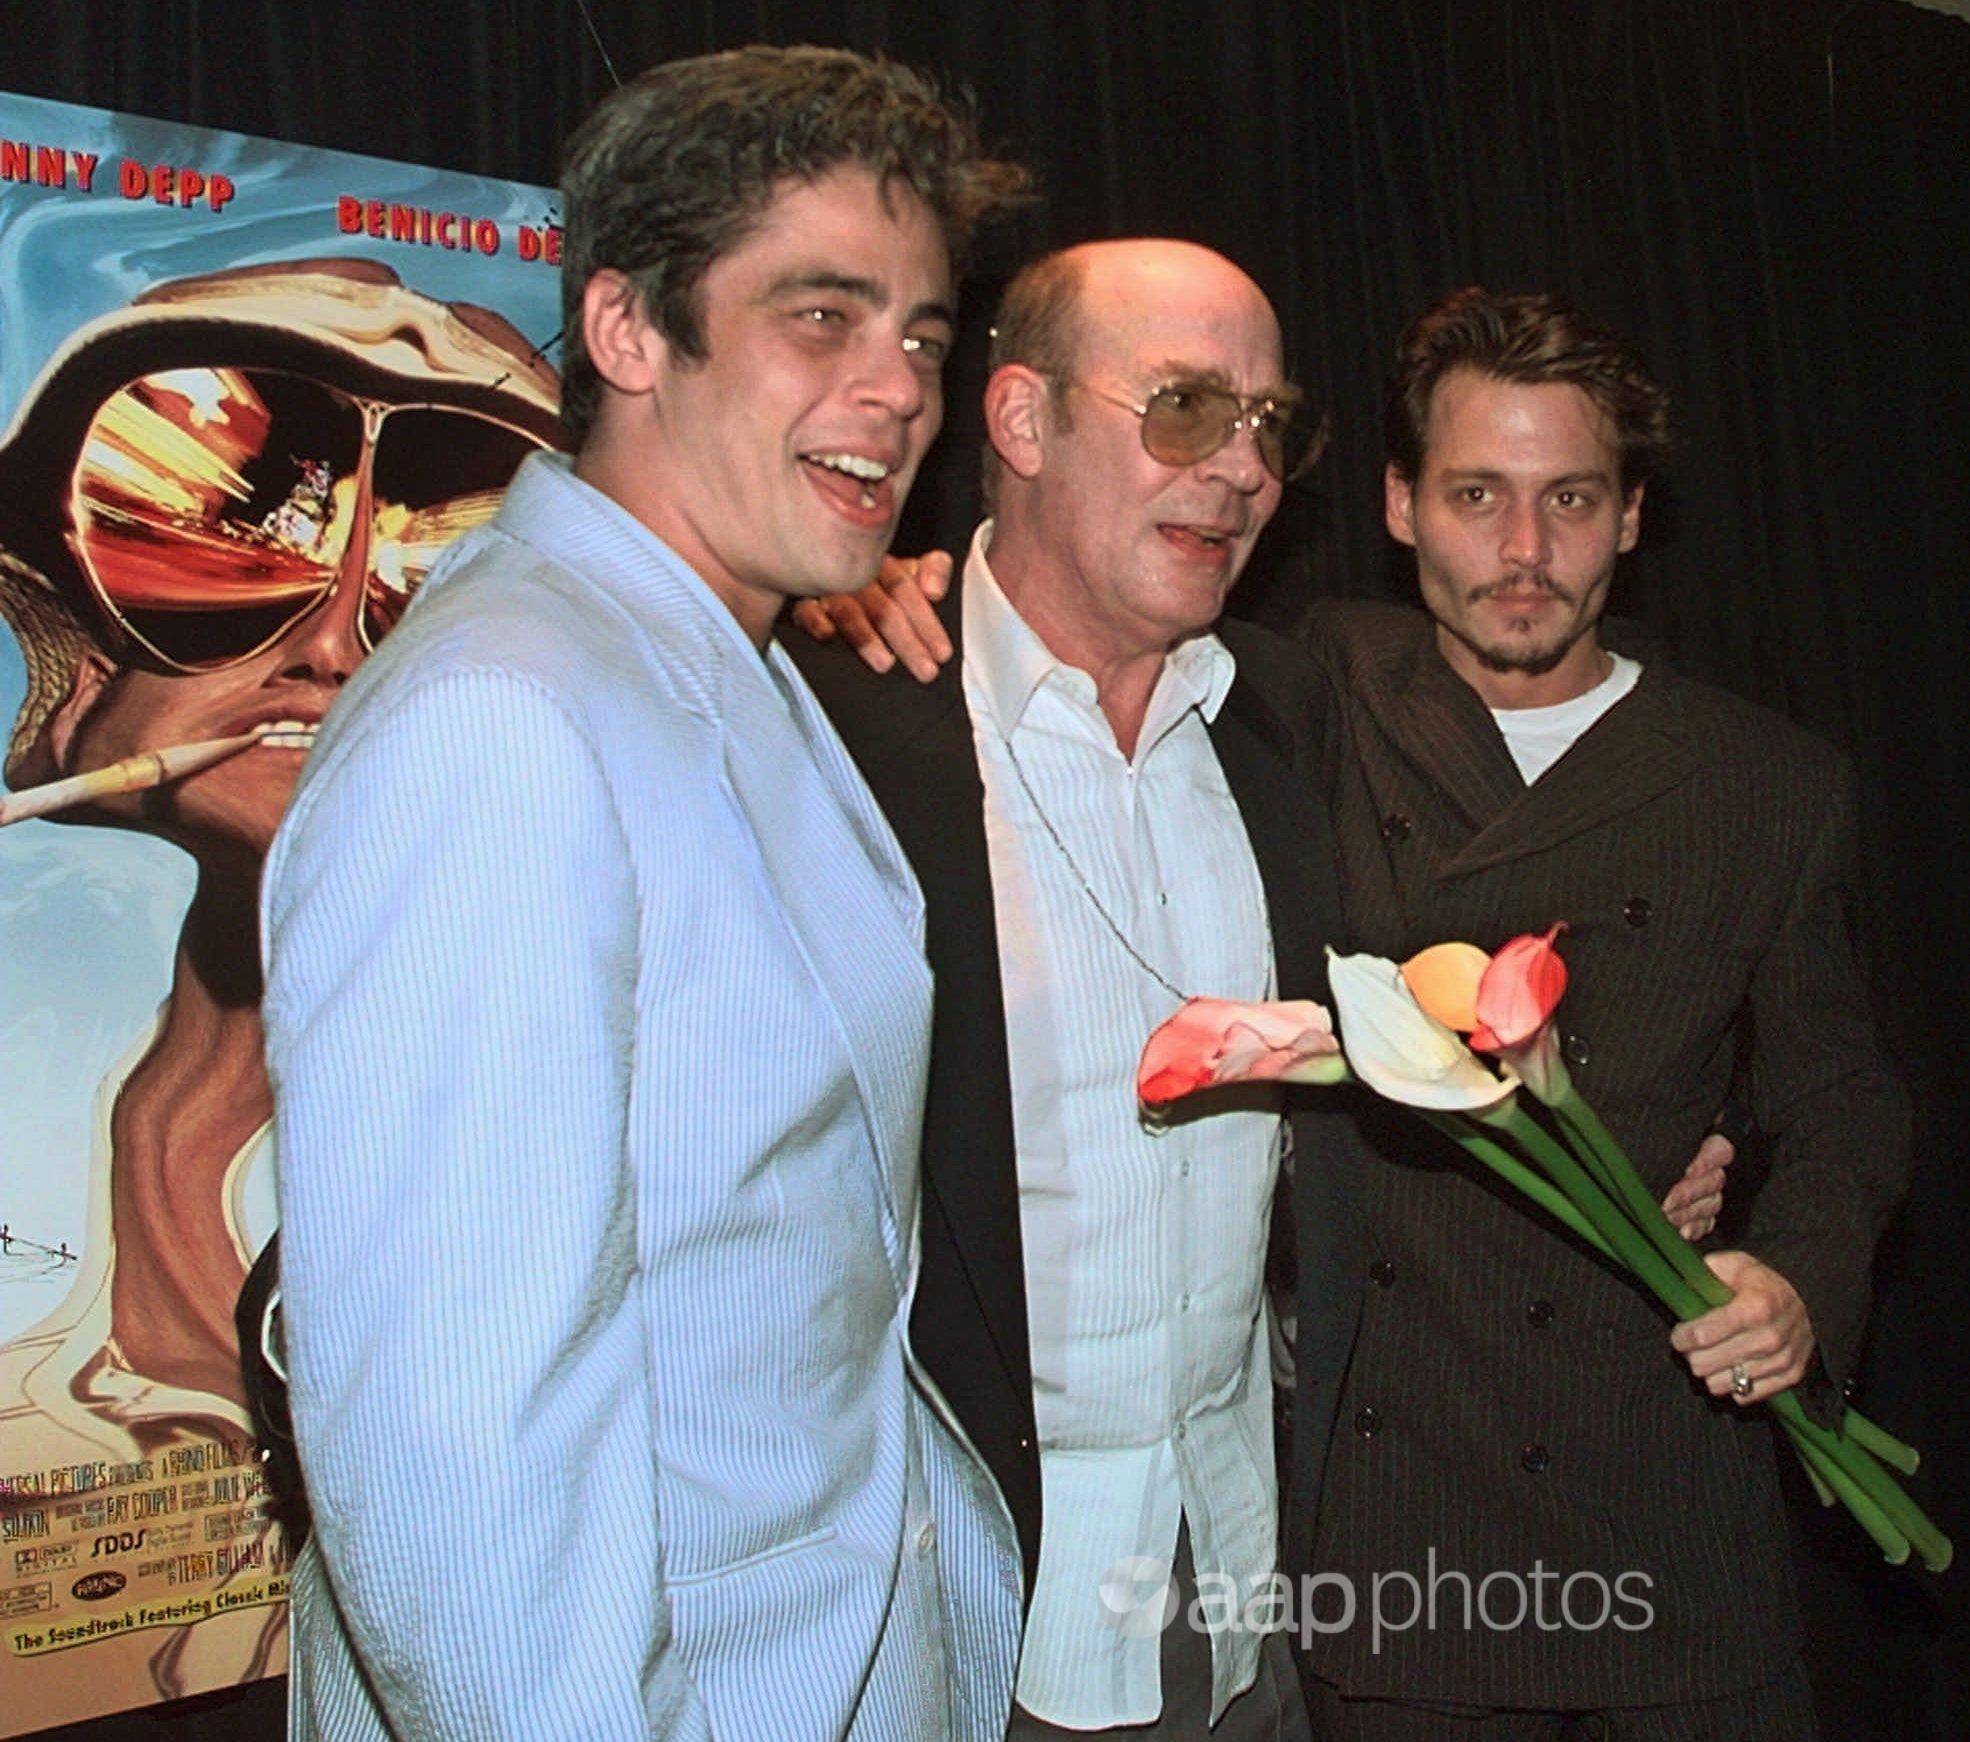 Benicio Del Toro and Johnny Depp with Hunter S Thompson